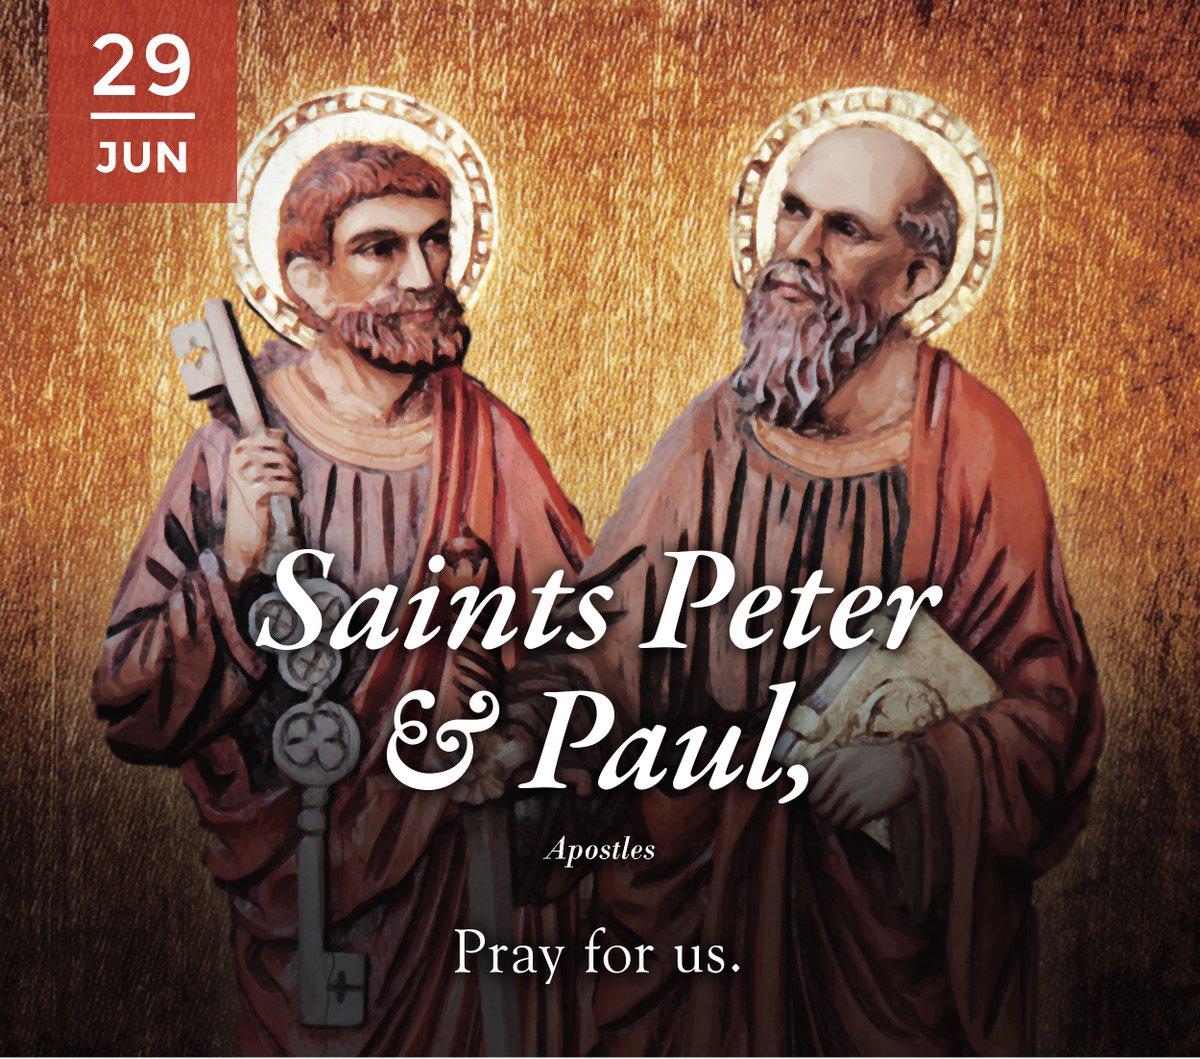 HAI CON NGƯỜI, HAI ƠN GỌI, HAI CỘT TRỤ GIÁO HỘI: Lễ Thánh Phêrô, Phaolô Tông đồ.